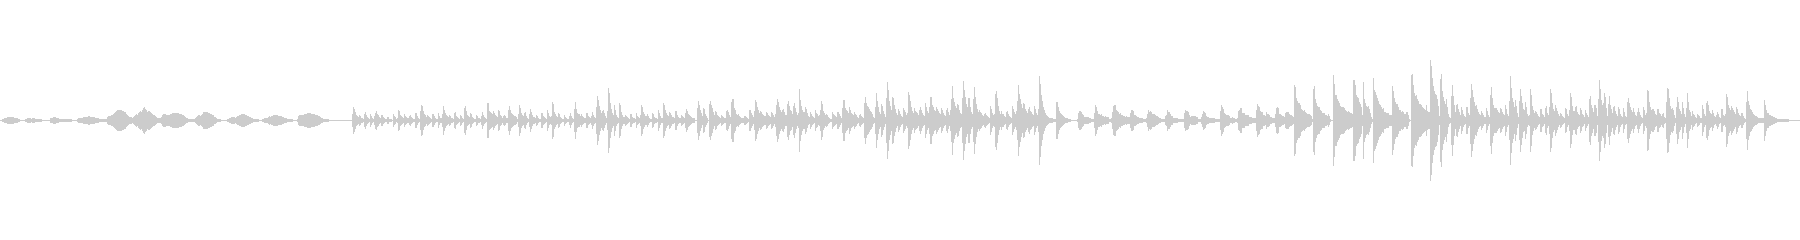 ソロピアノとテクスチャ。の未再生の波形